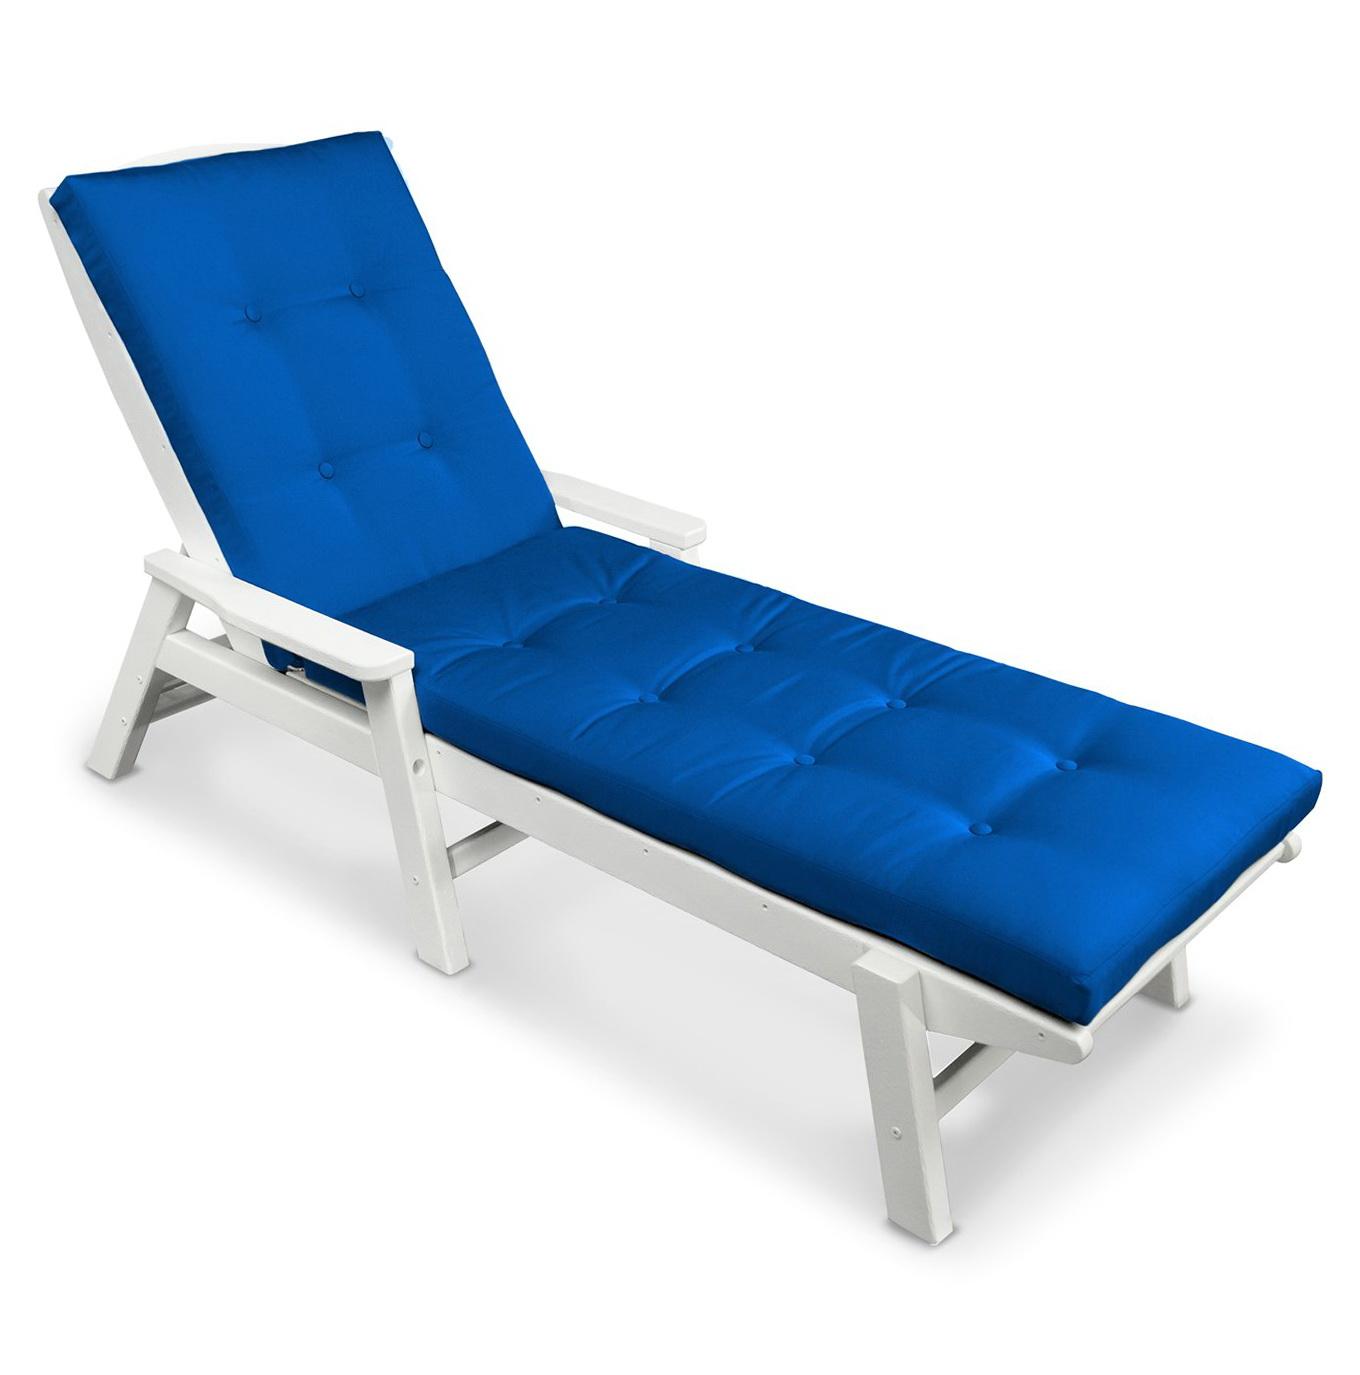 Outdoor Chaise Cushions Sunbrella